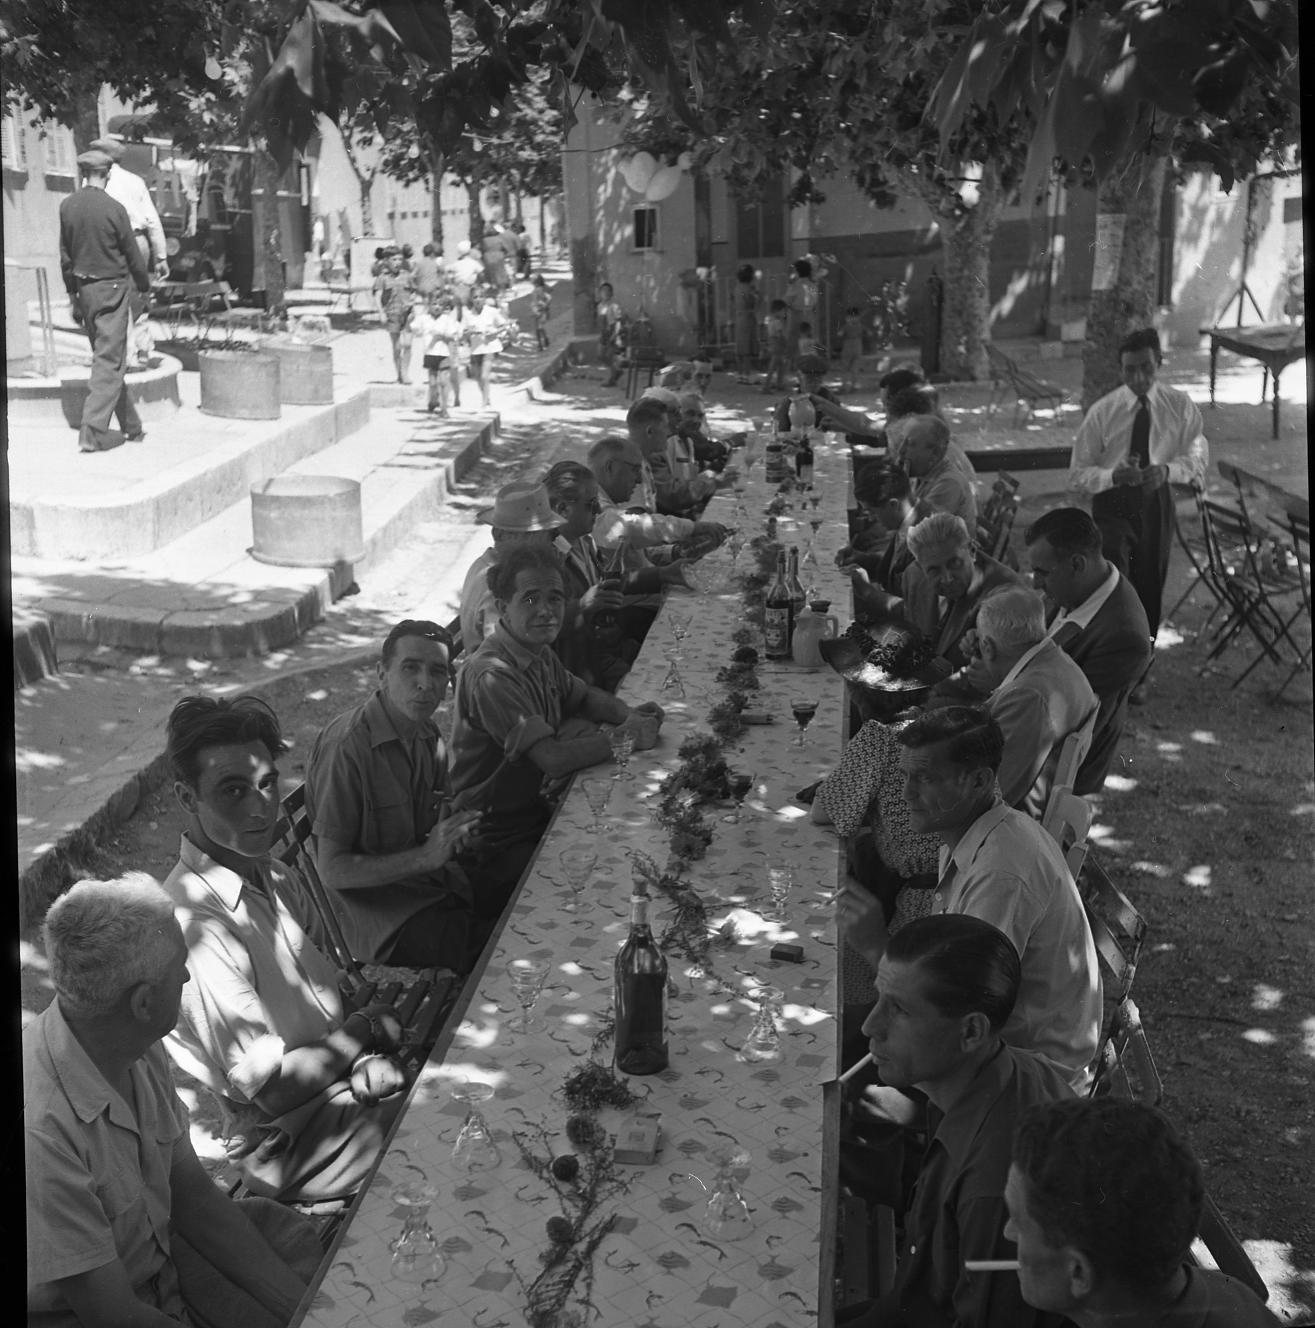 42Fi 0135 Lors de la St Victor, belle tablée qui regroupe les organisateurs de cette grande fête de la cité ouvrière. Parmi les invités d'honneur, le maire Jean Graille et le baron de Vaux, descendant de Victor Delacour. 19/07/1953